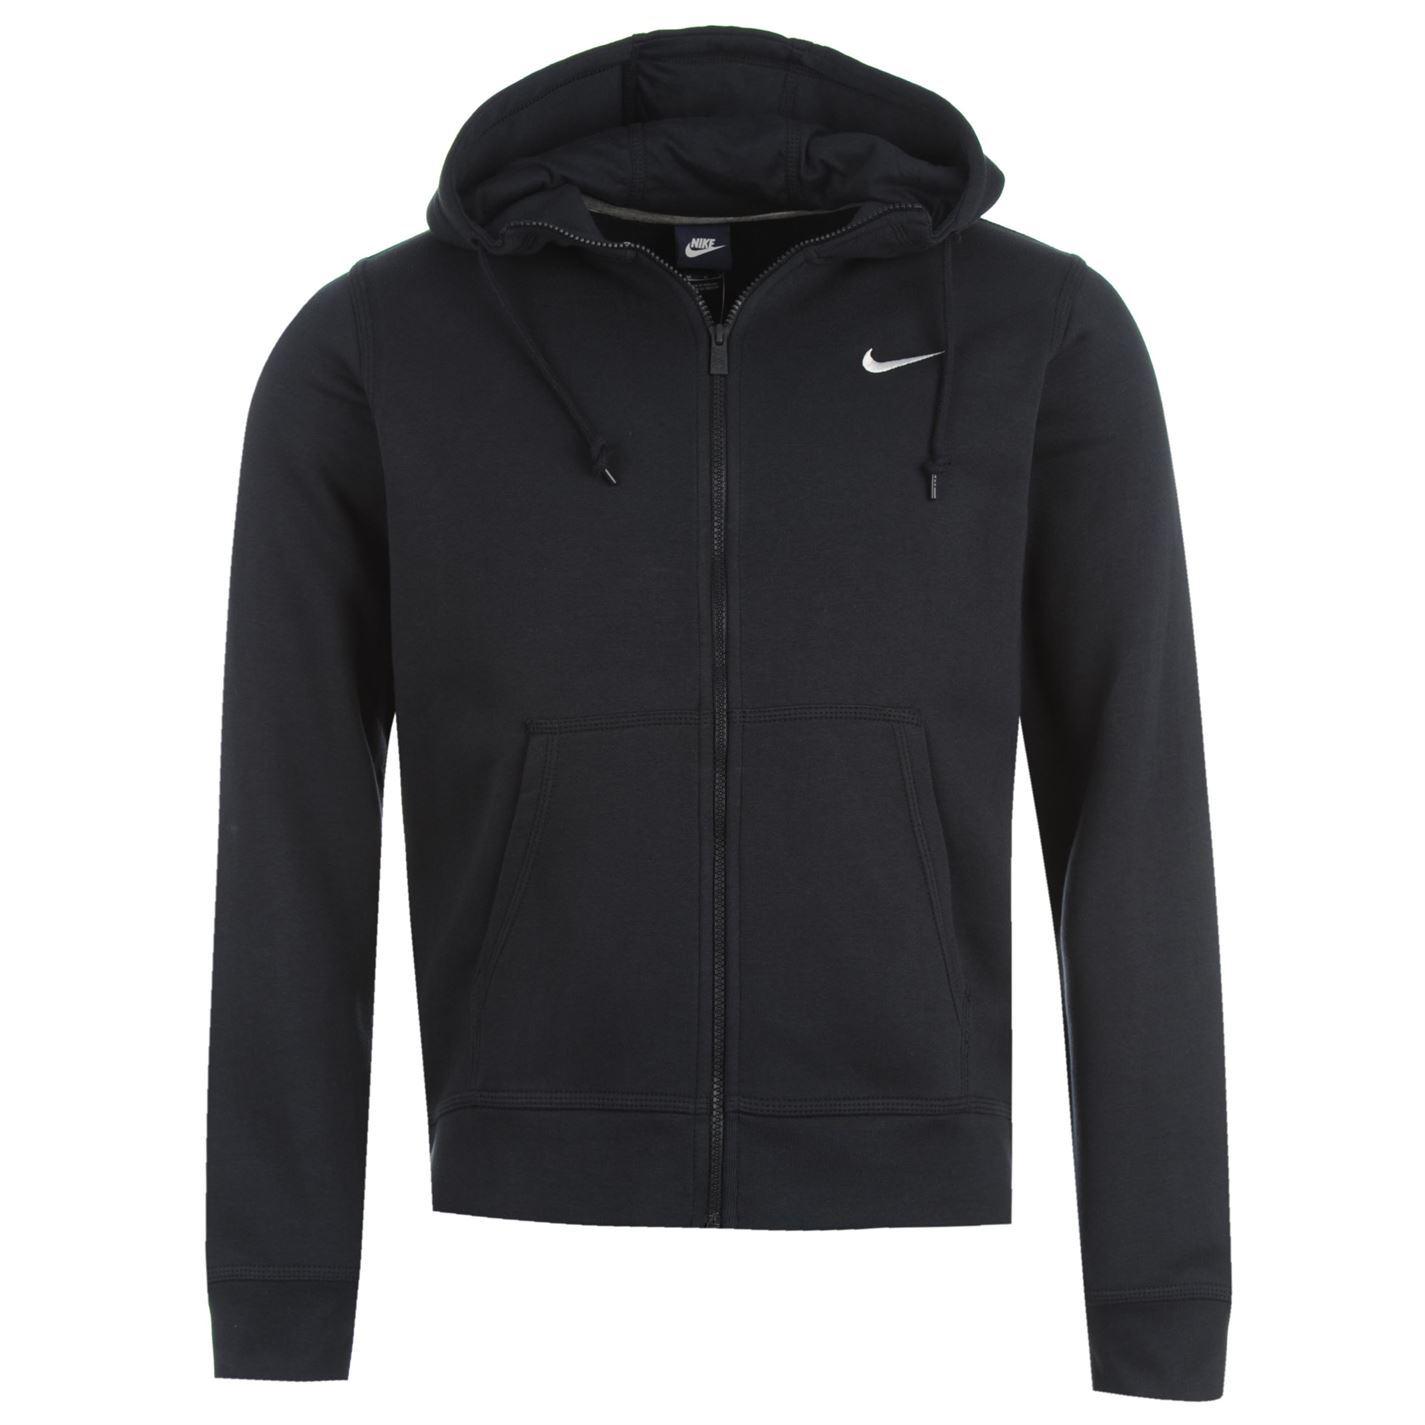 Nike-Fundamentals-Full-Zip-Hoody-Jacket-Mens-Hoodie-Sweatshirt-Sweater-Top thumbnail 10